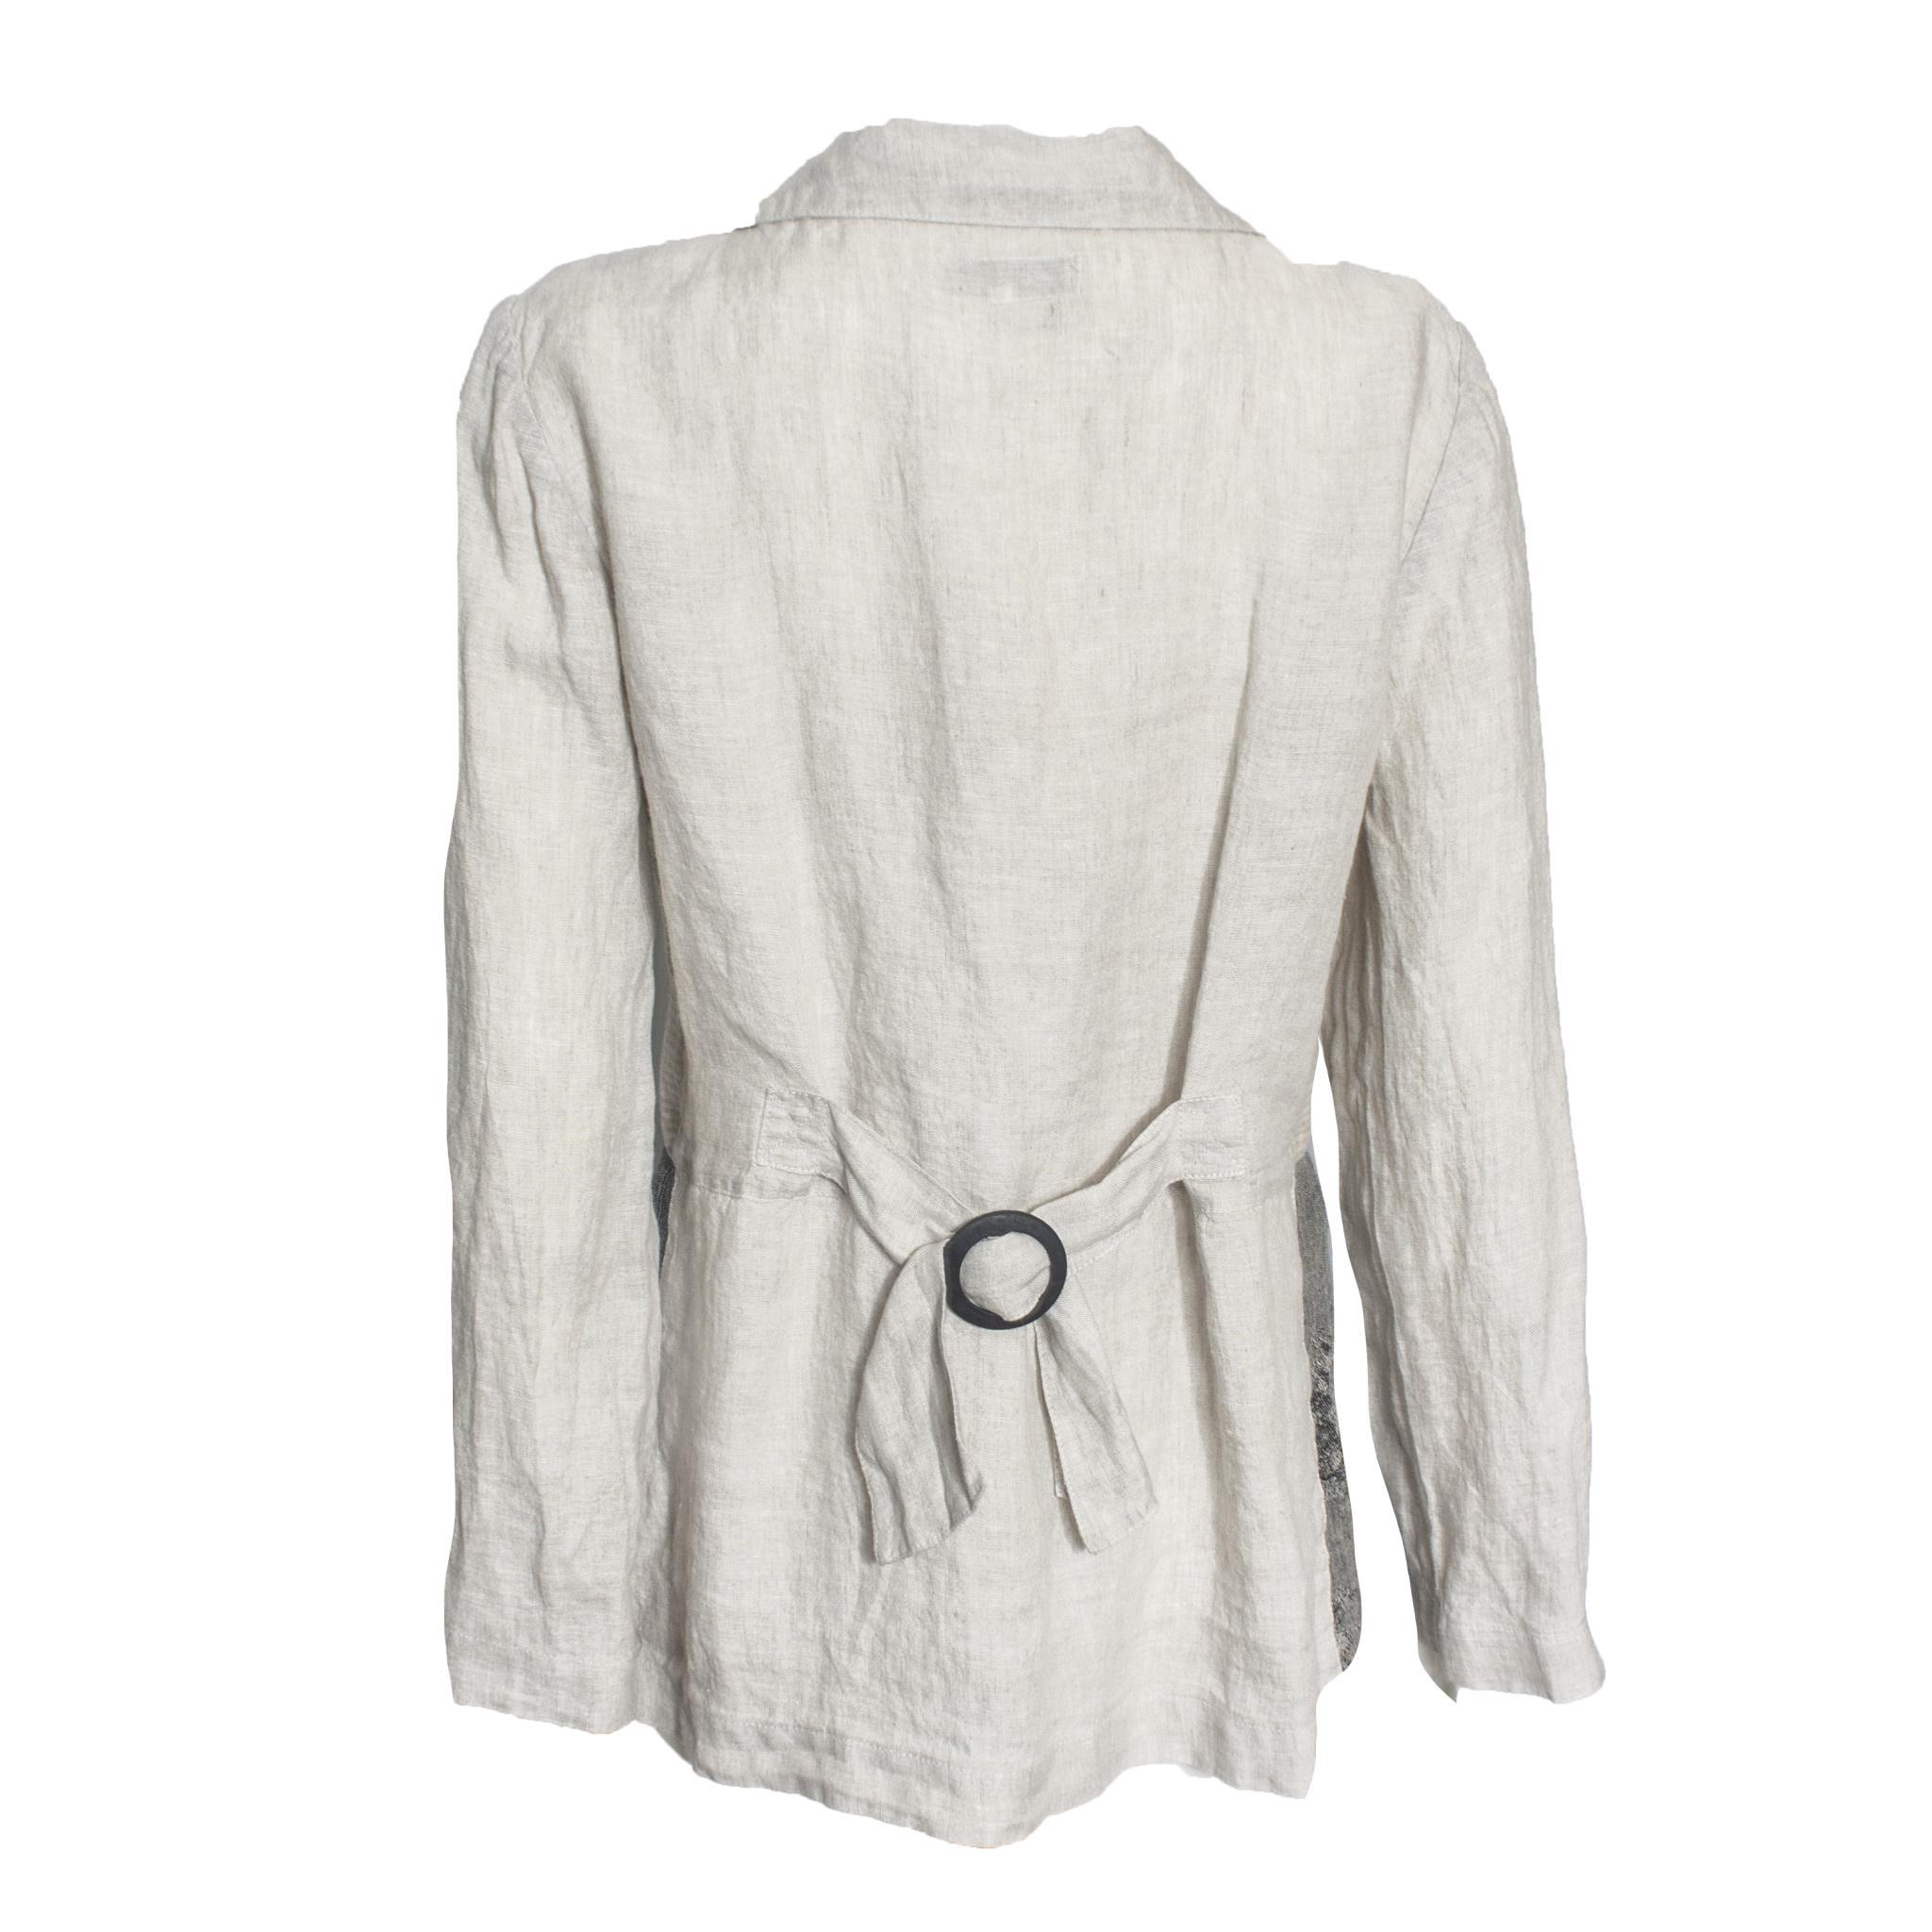 Mara Gibbucci Mara Gibbucci Patchwork Jacket - Ivory